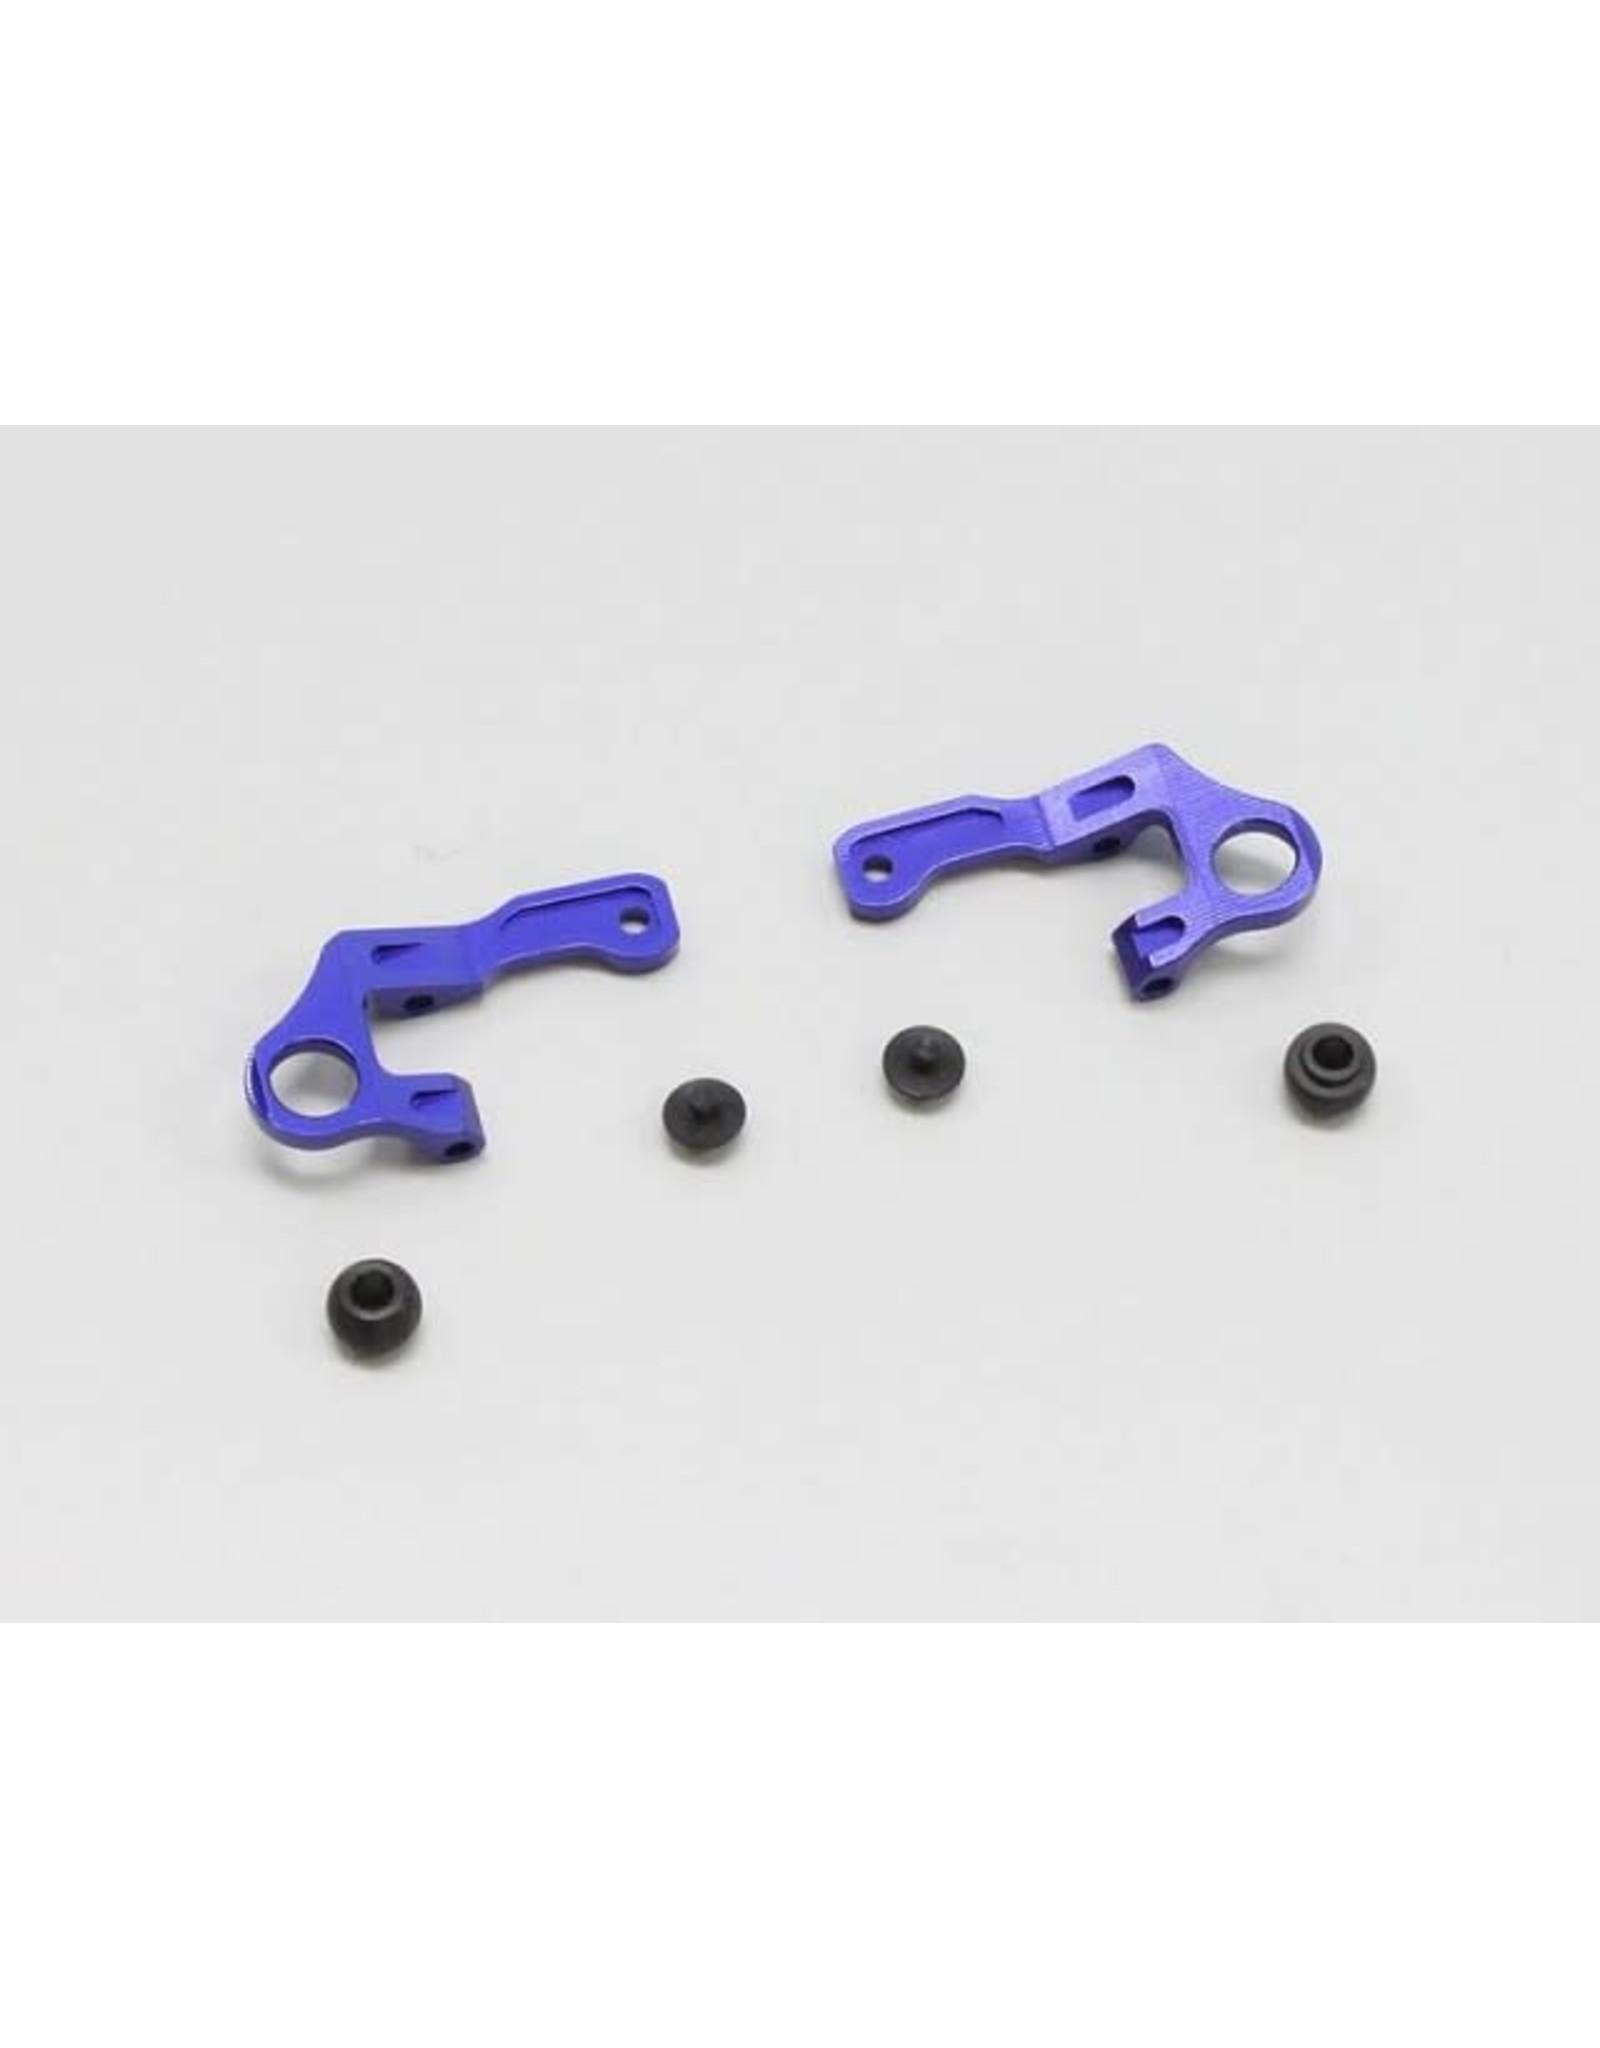 Kyosho Aluminum Upper Arm Set (MR-03) (MZW415)